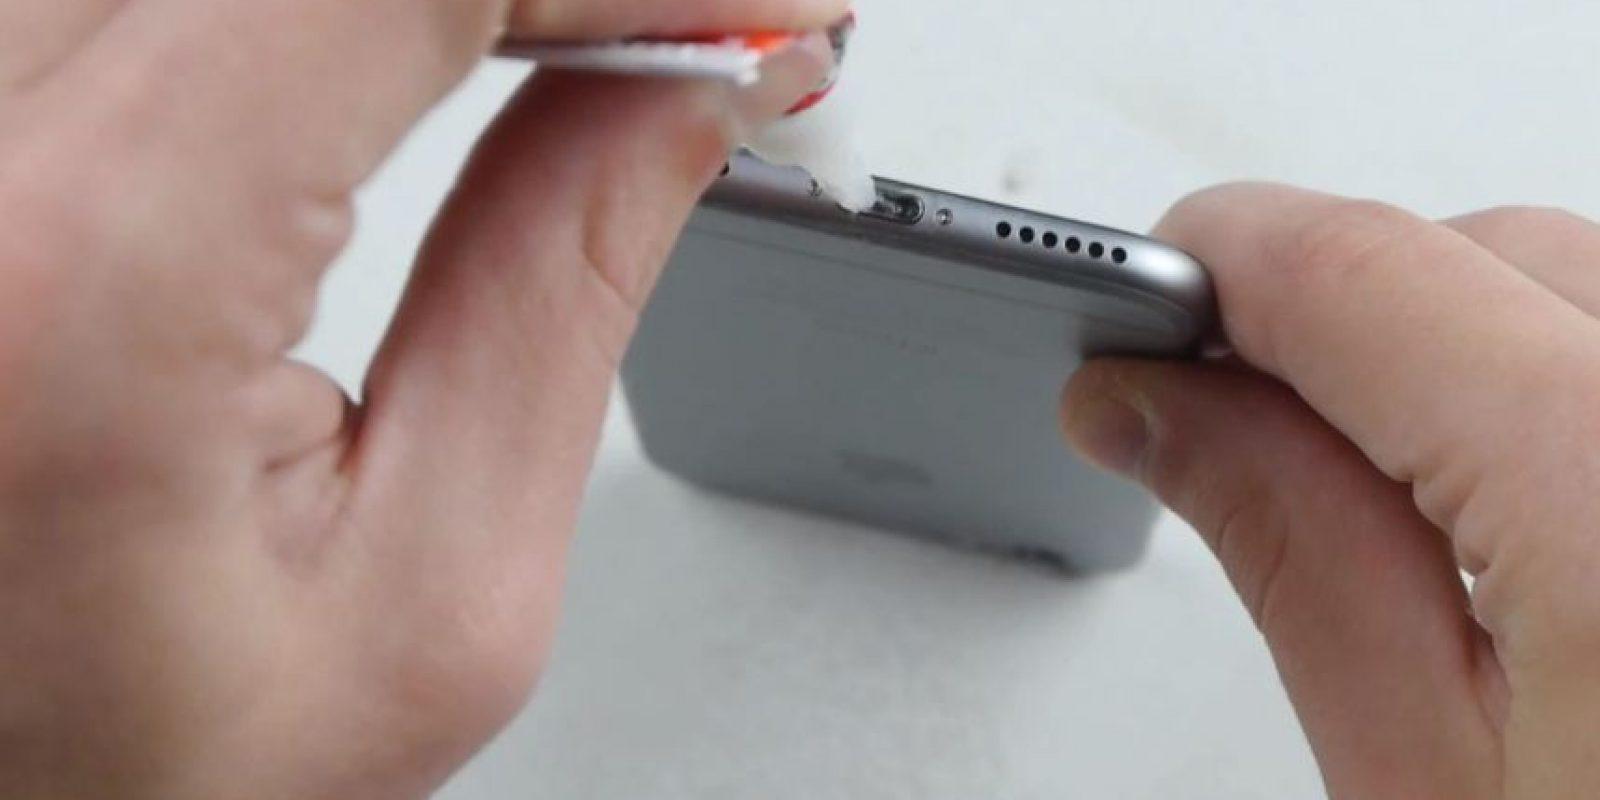 Otra forma es vertiendo pegamento líquido en el orificio del cargador y los audífonos. Foto:TechRax